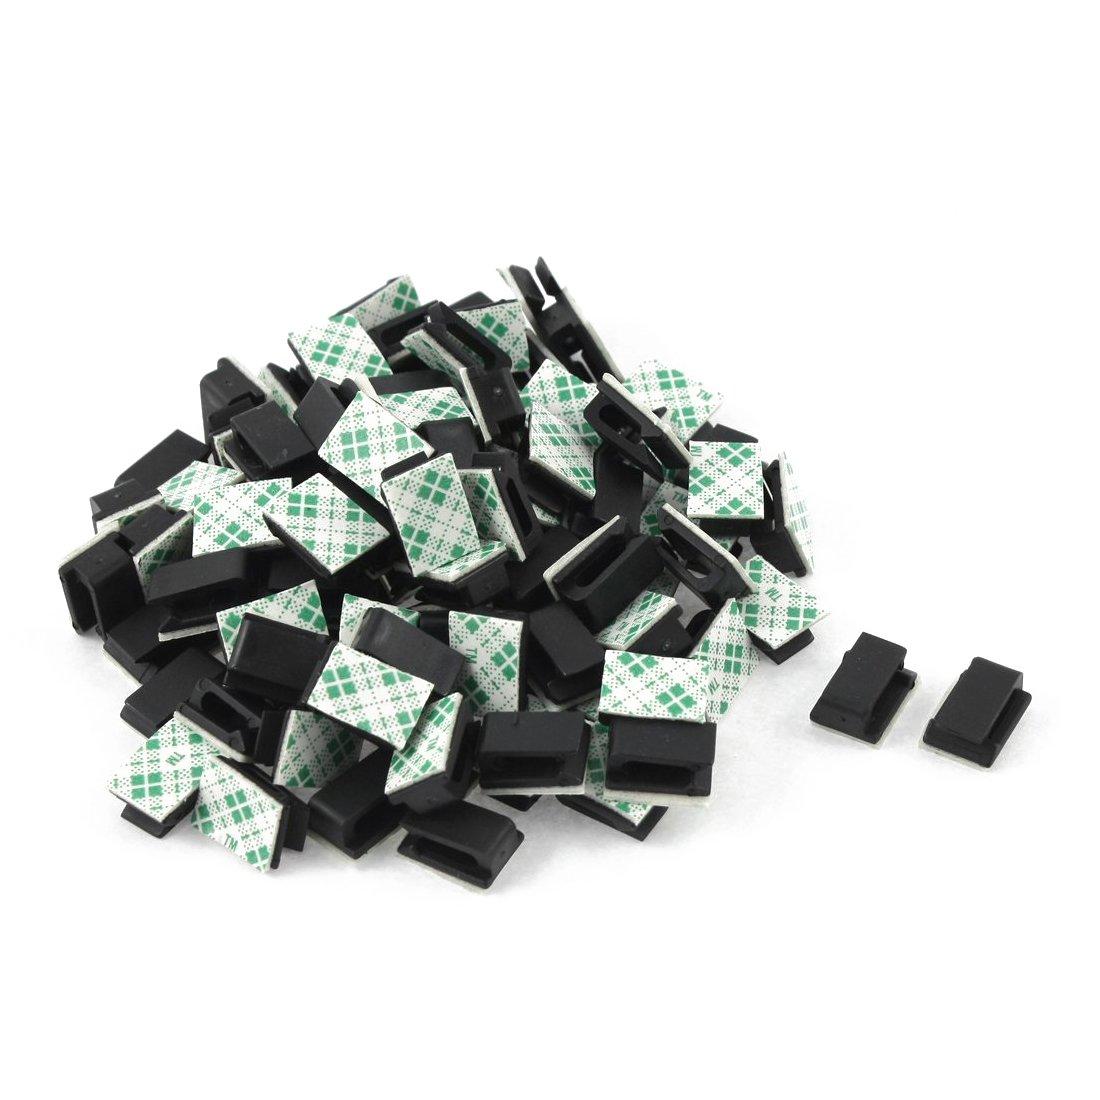 Clip de lazo de cable adhesivo - SODIAL(R) 100 piezas clip de lazo de soporte de cable adhesivo organizador de caida de abrazadera